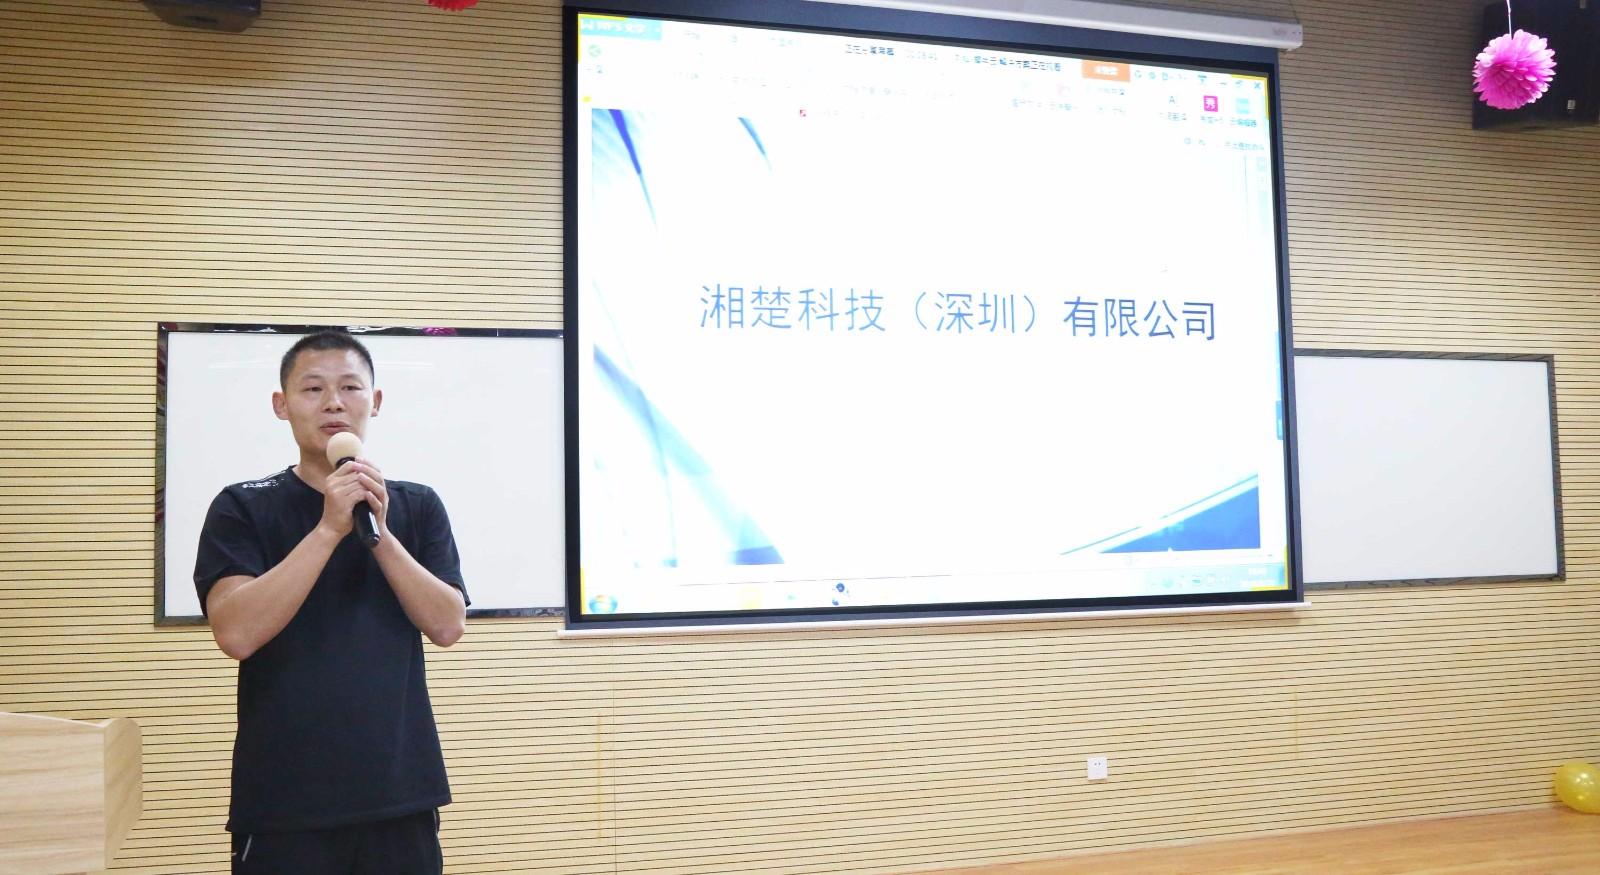 光辉易购项目上线仪式成功举办,见证行业美好未来,犀牛云解决方案